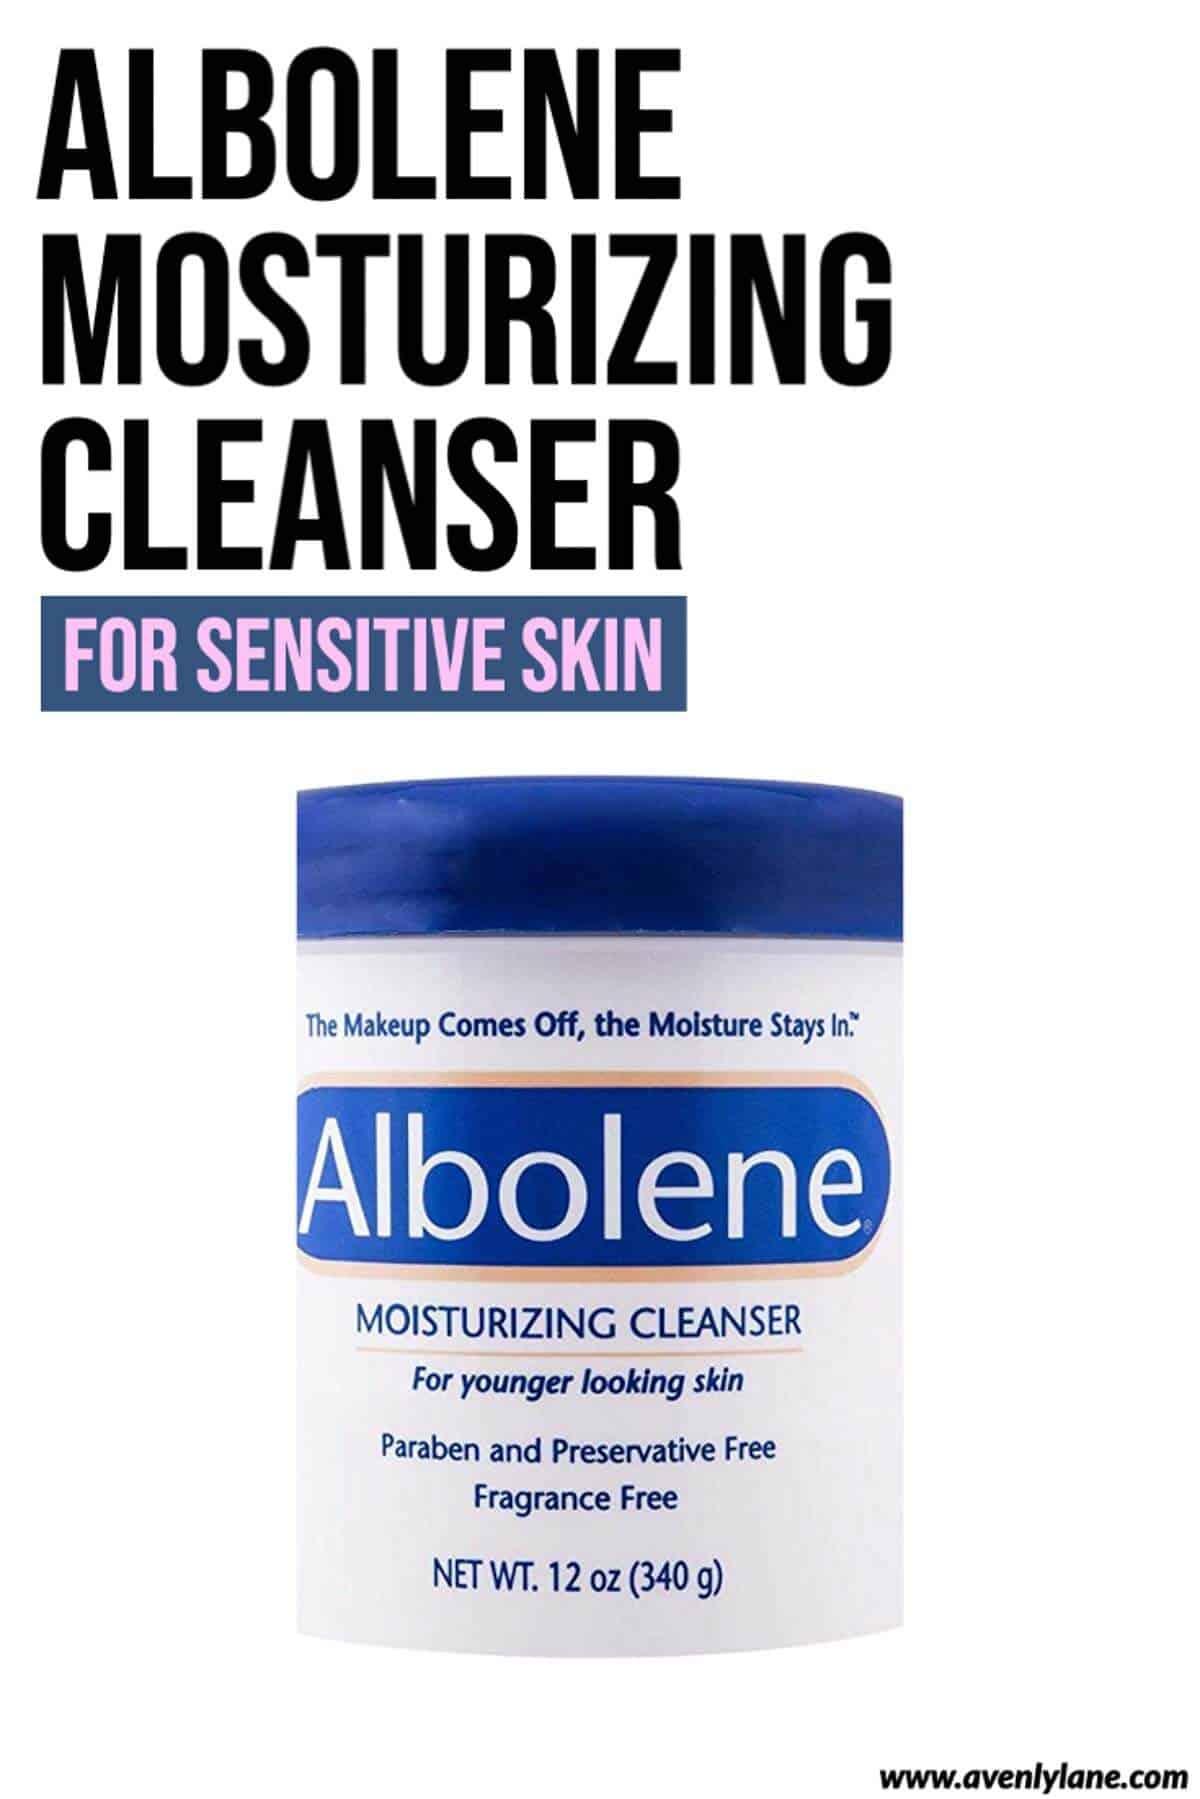 Albolene Moisturizing Cleanser for Sensitive Skin